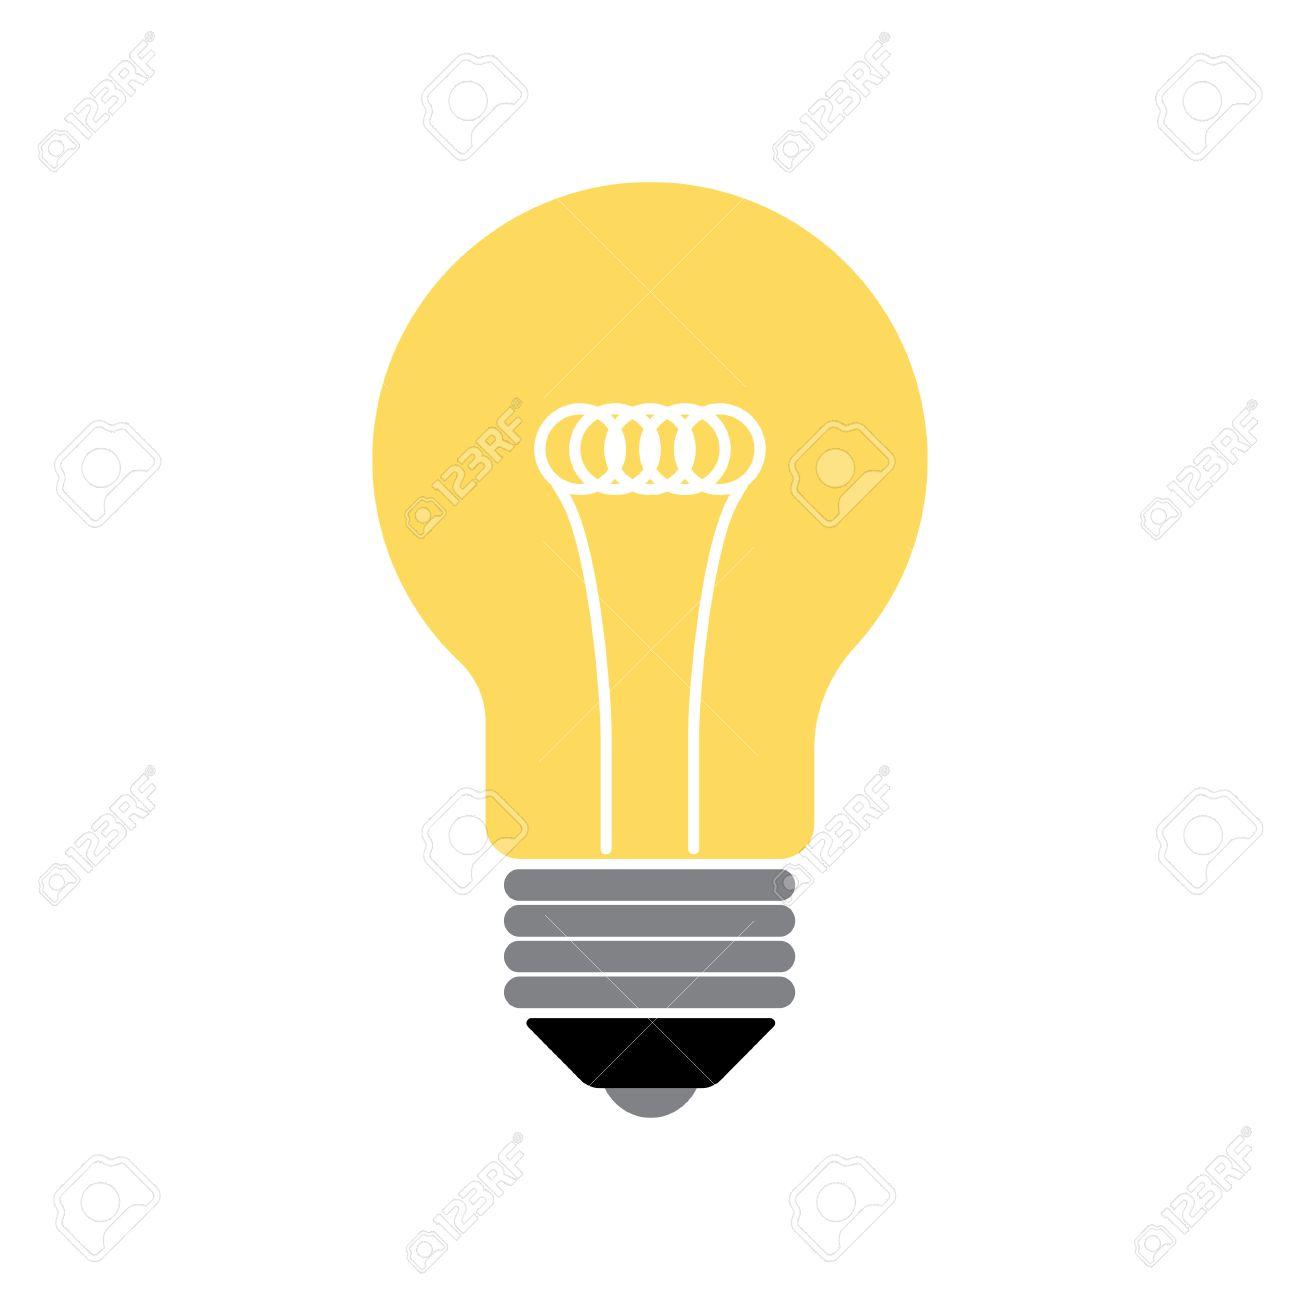 vector flat design lightbulb lightbulb icon lightbulb image rh 123rf com vector light bulb clip art vector light bulb icon